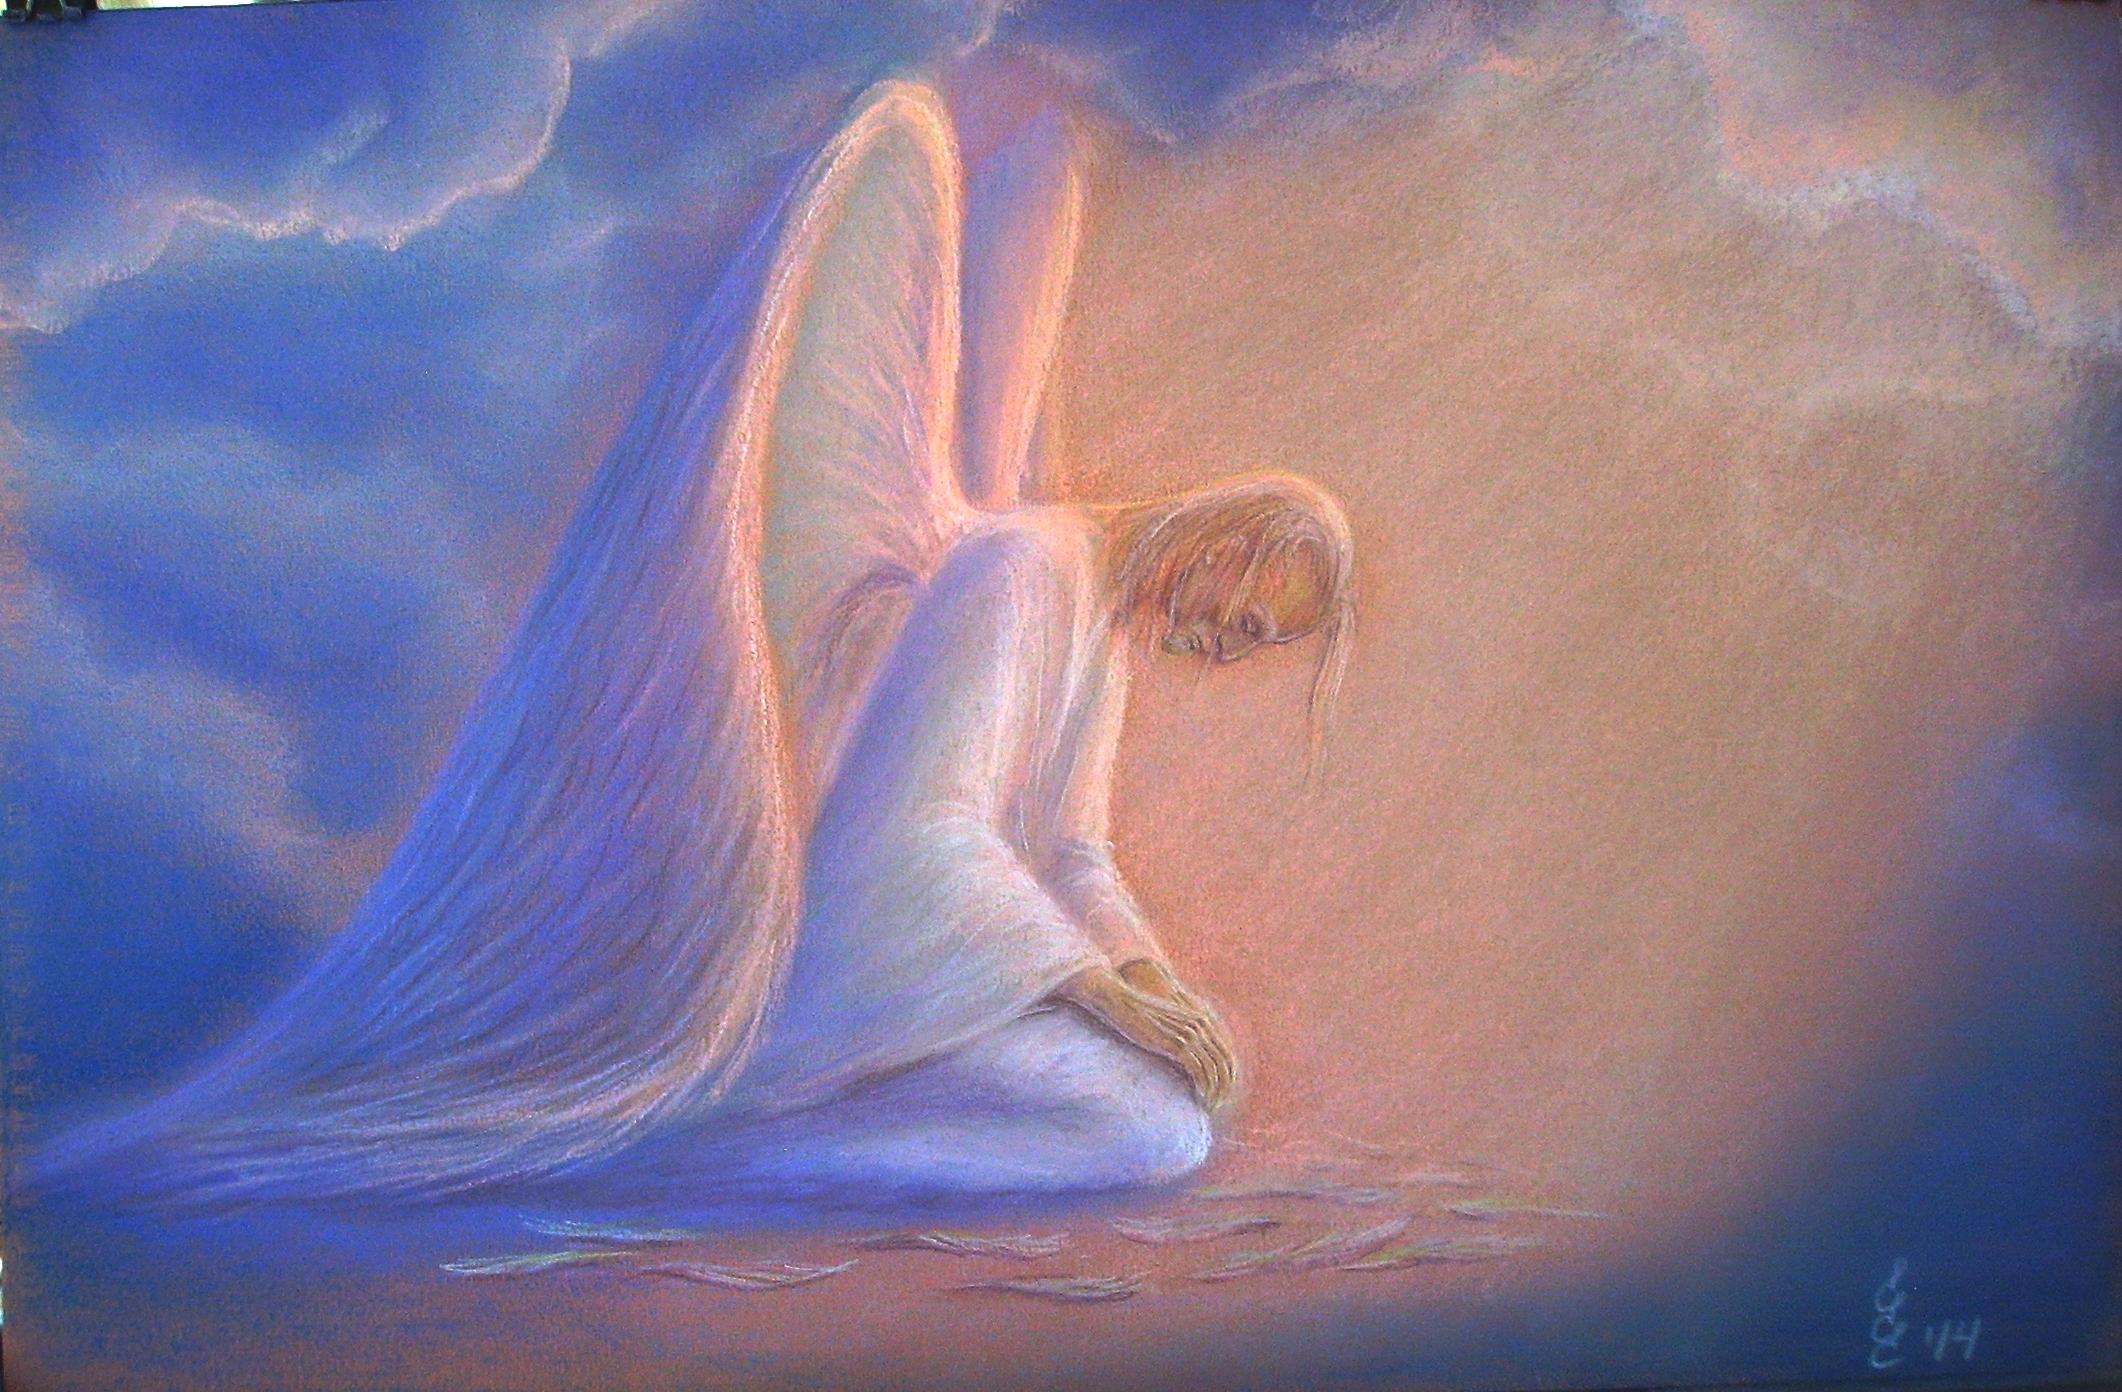 Краткие поздравления с днем ангела в стихах краше невесты